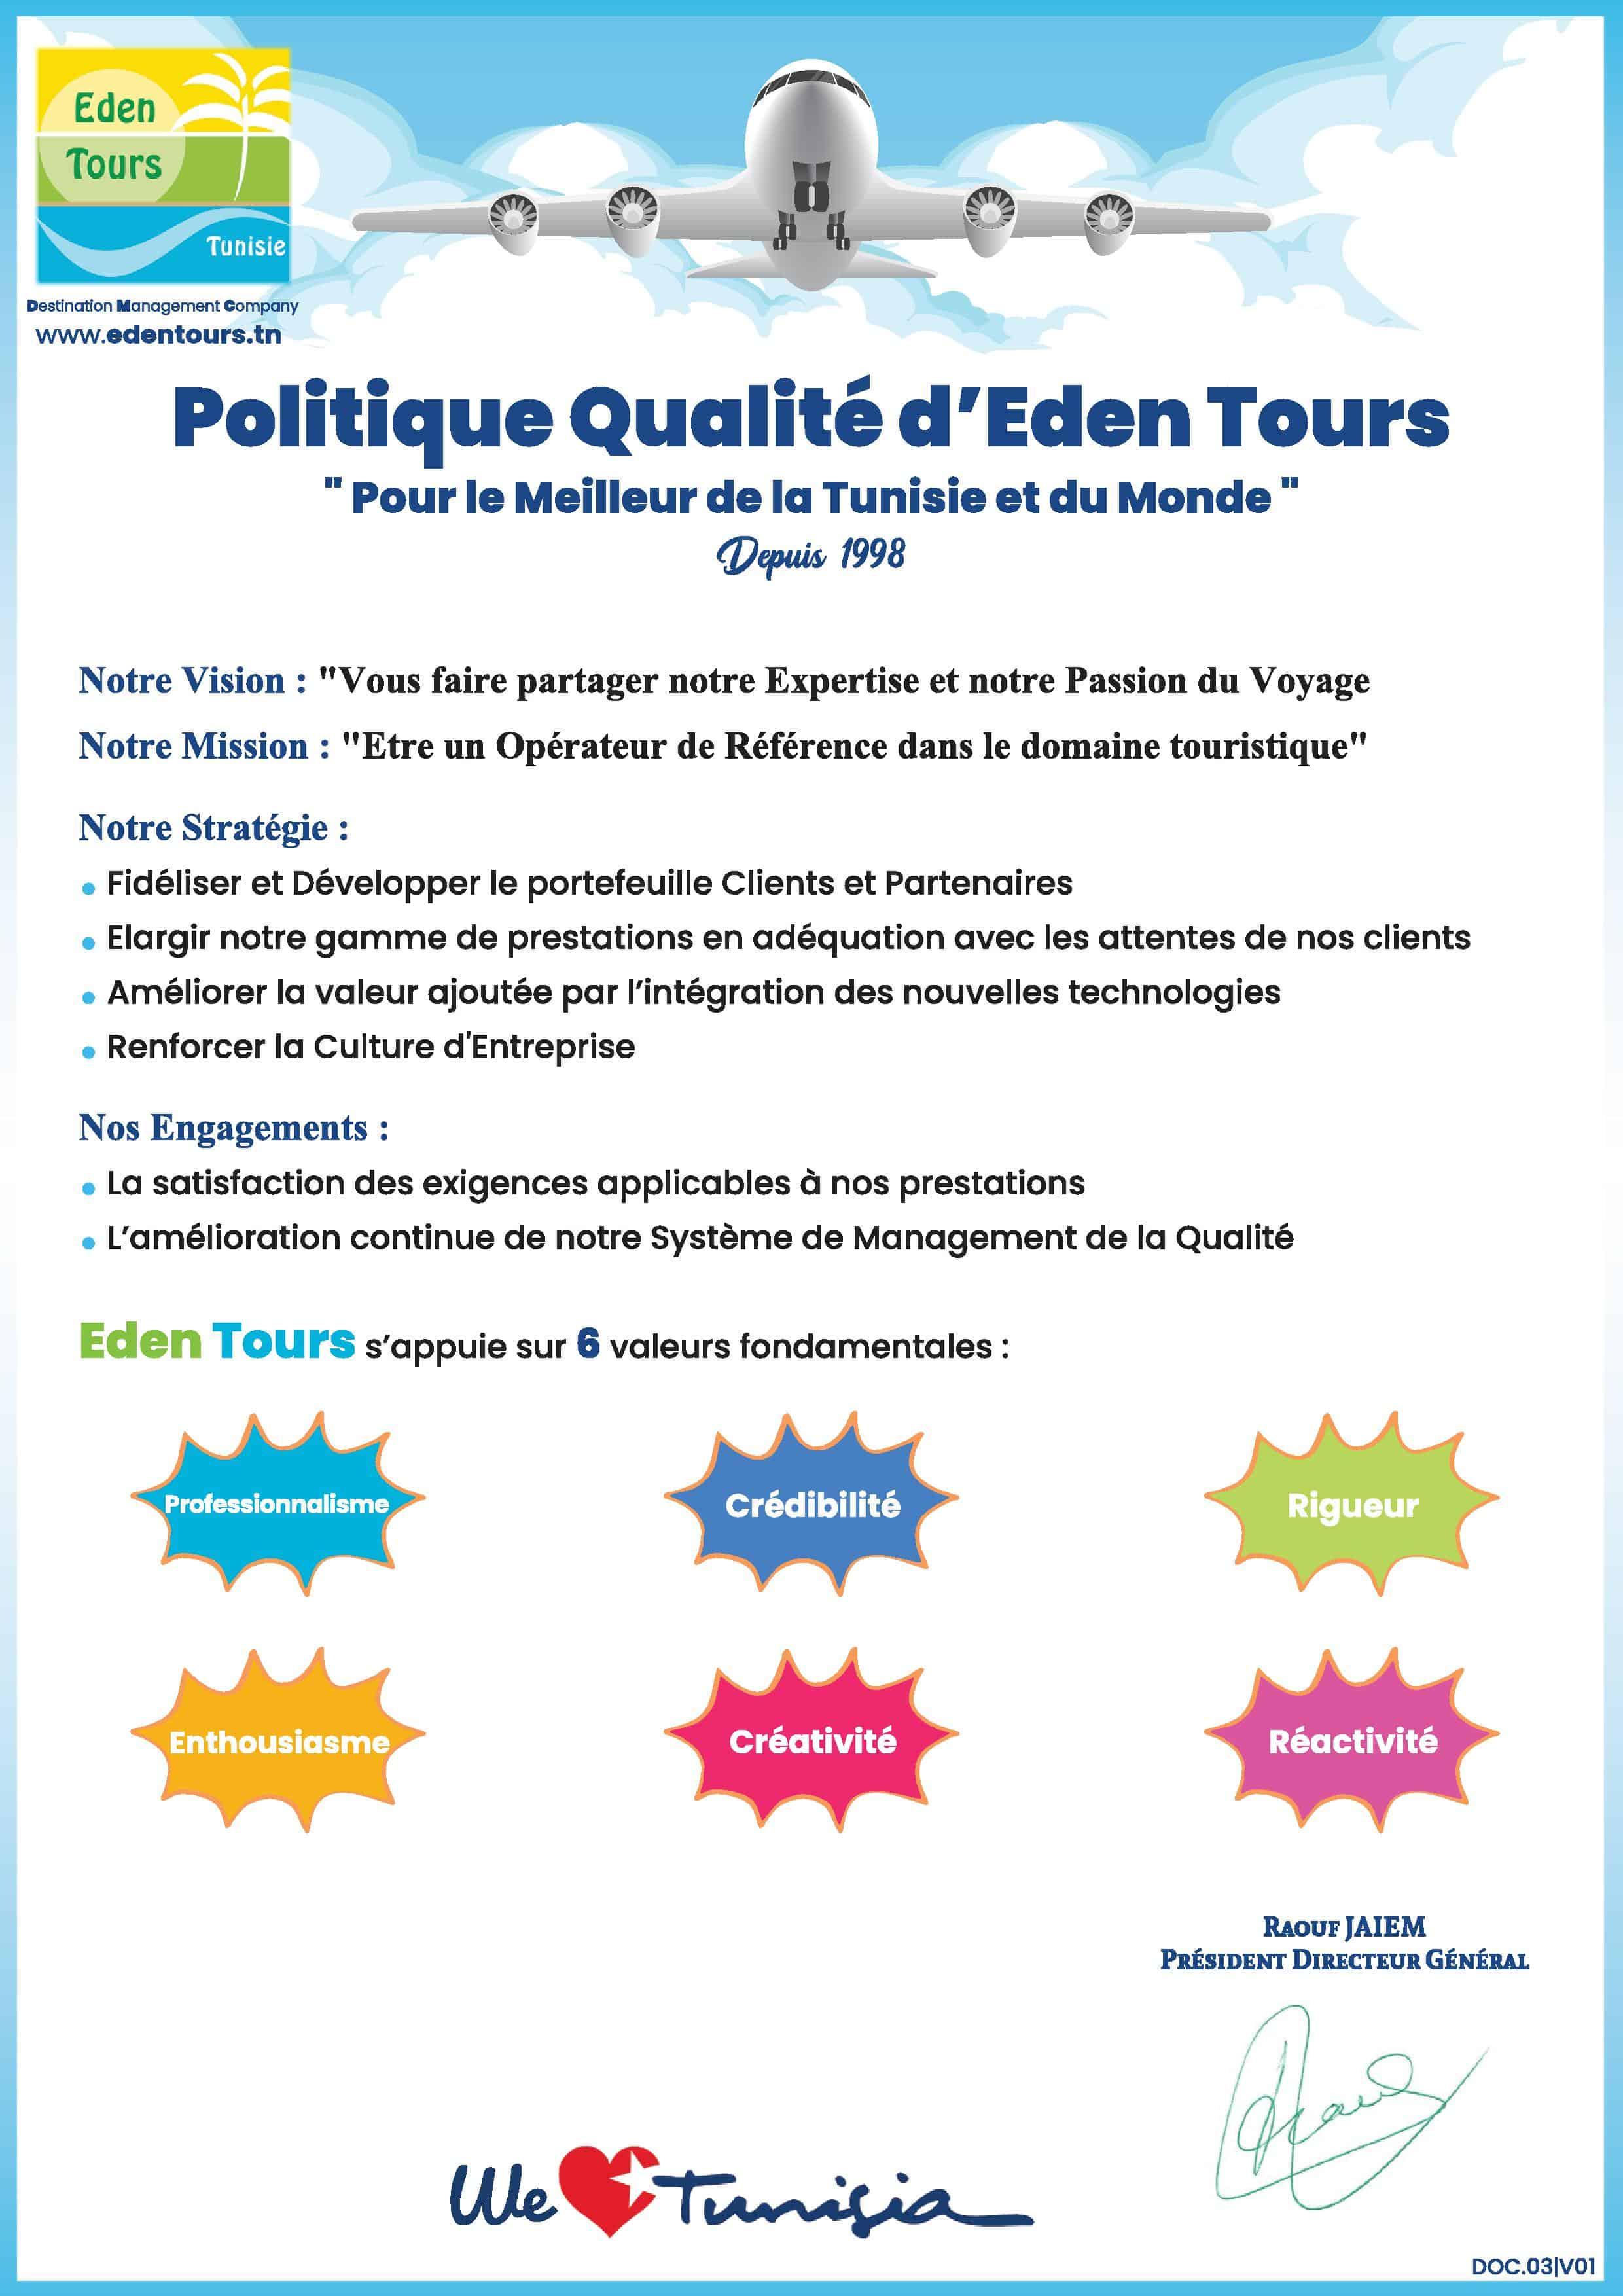 Politique qualité Eden Tours